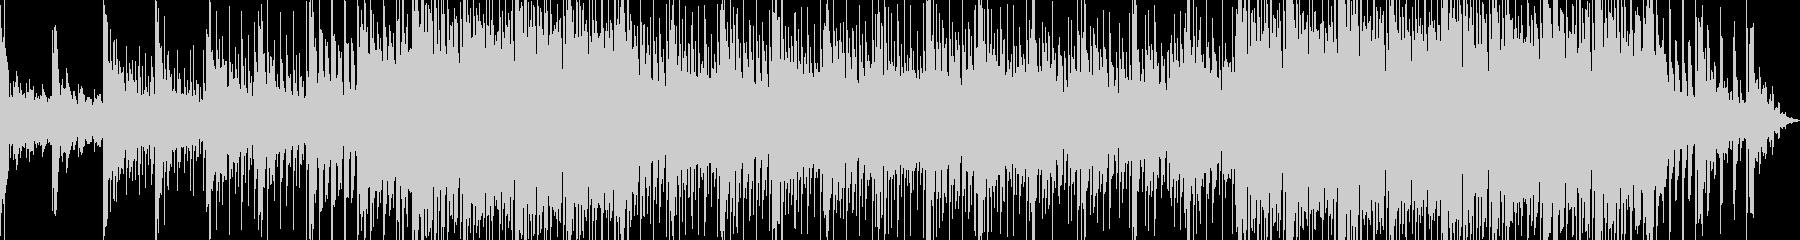 高音質♪電子系BGMサイズ音圧タイプありの未再生の波形